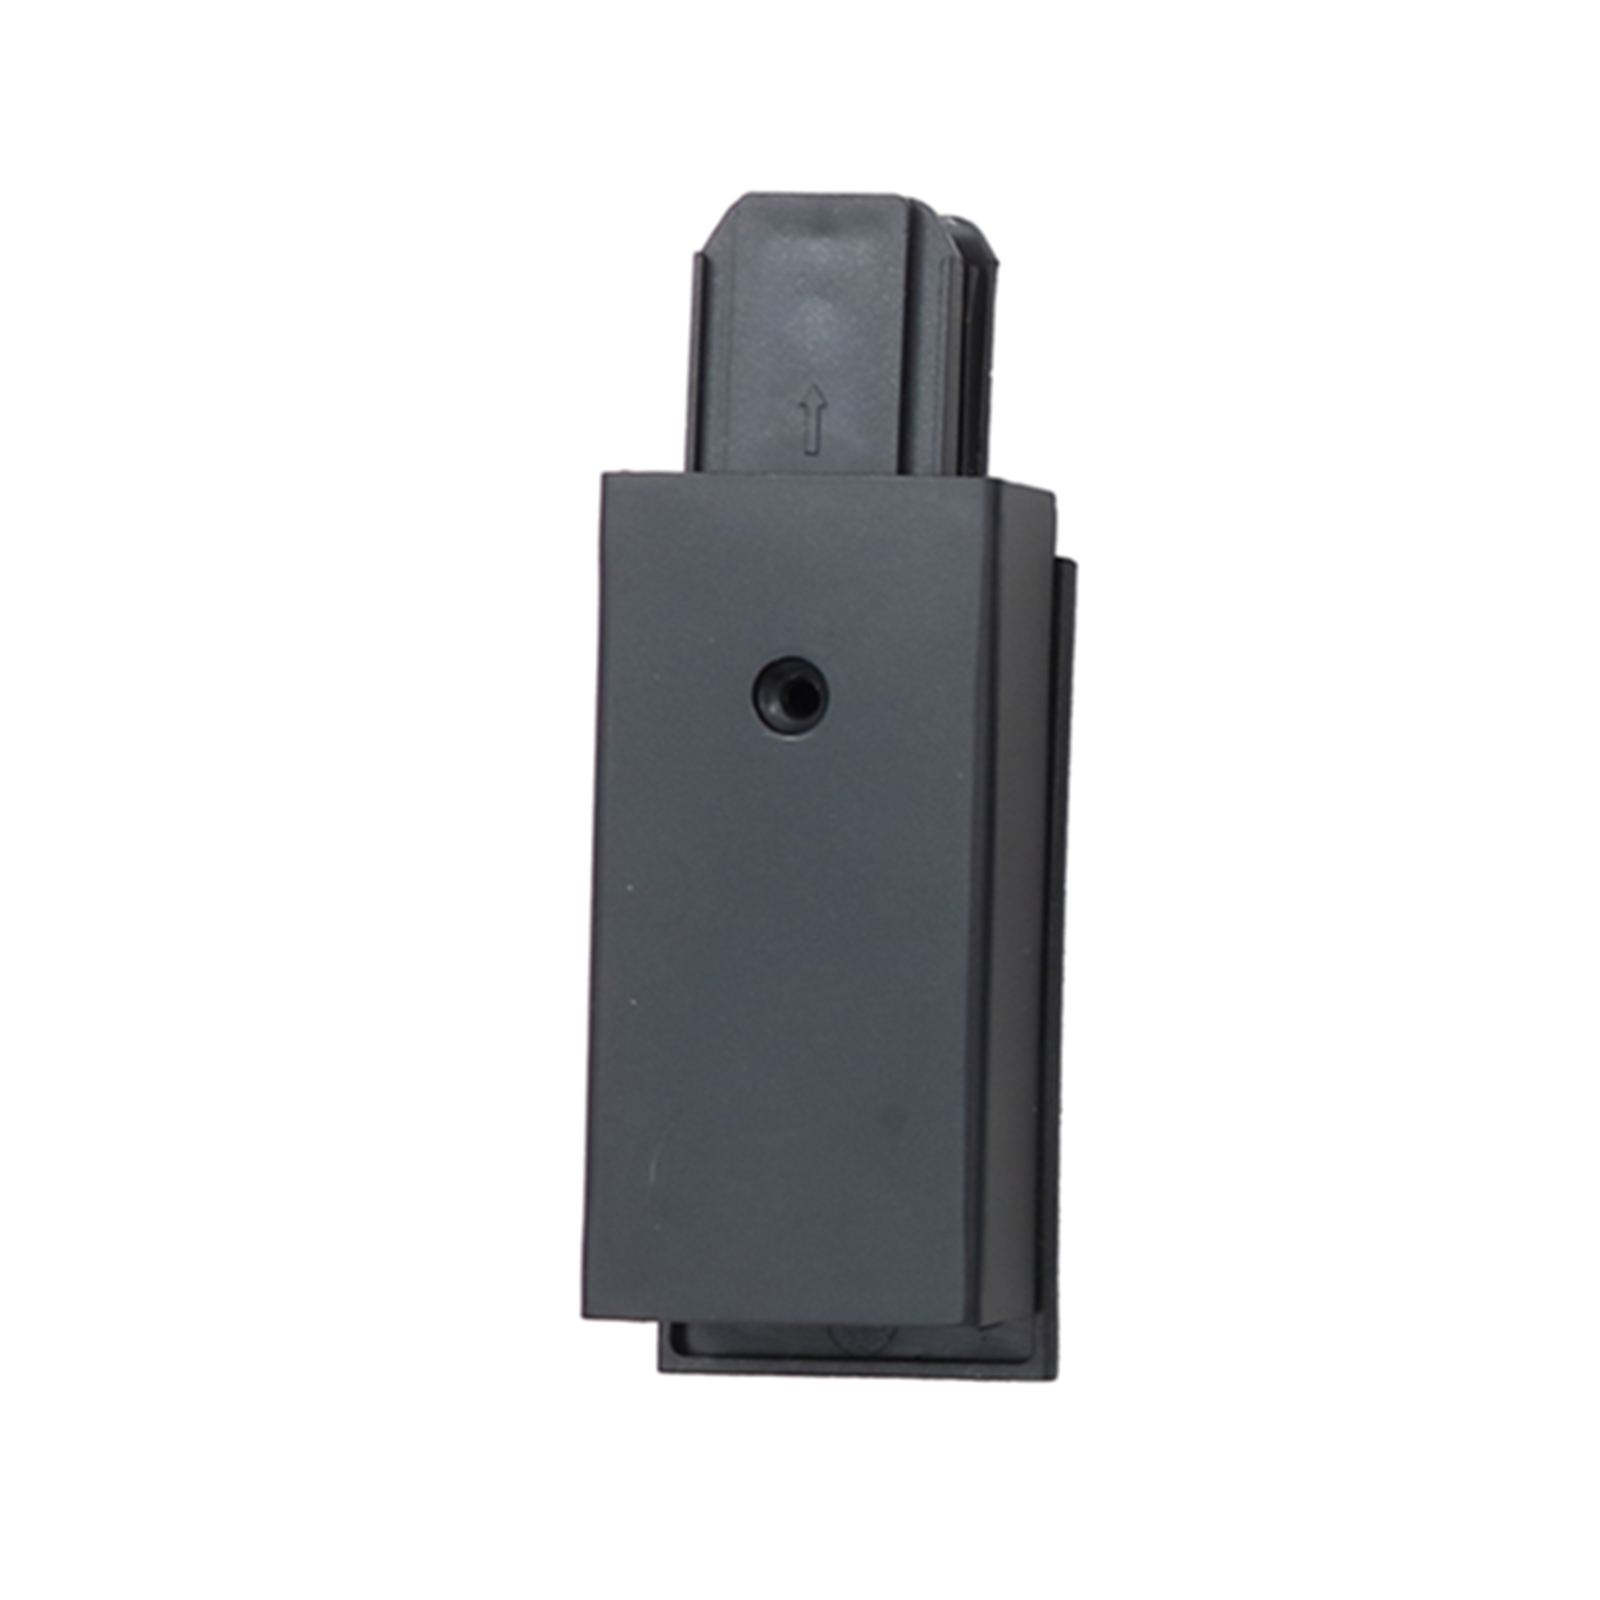 _0027_Alimentador Trilho Eletrificado – LD-020PF